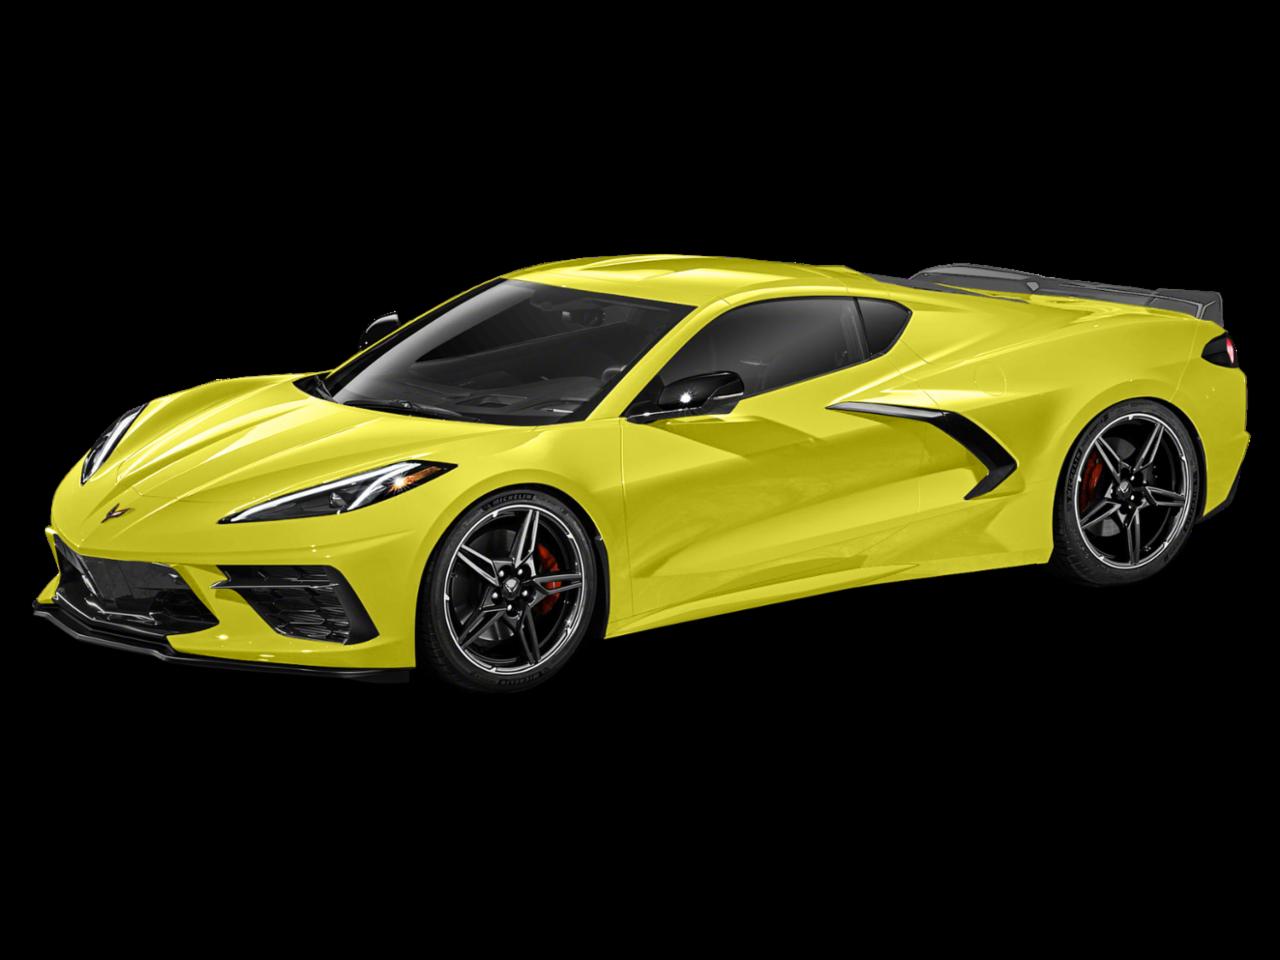 Chevrolet 2020 Corvette 1LT